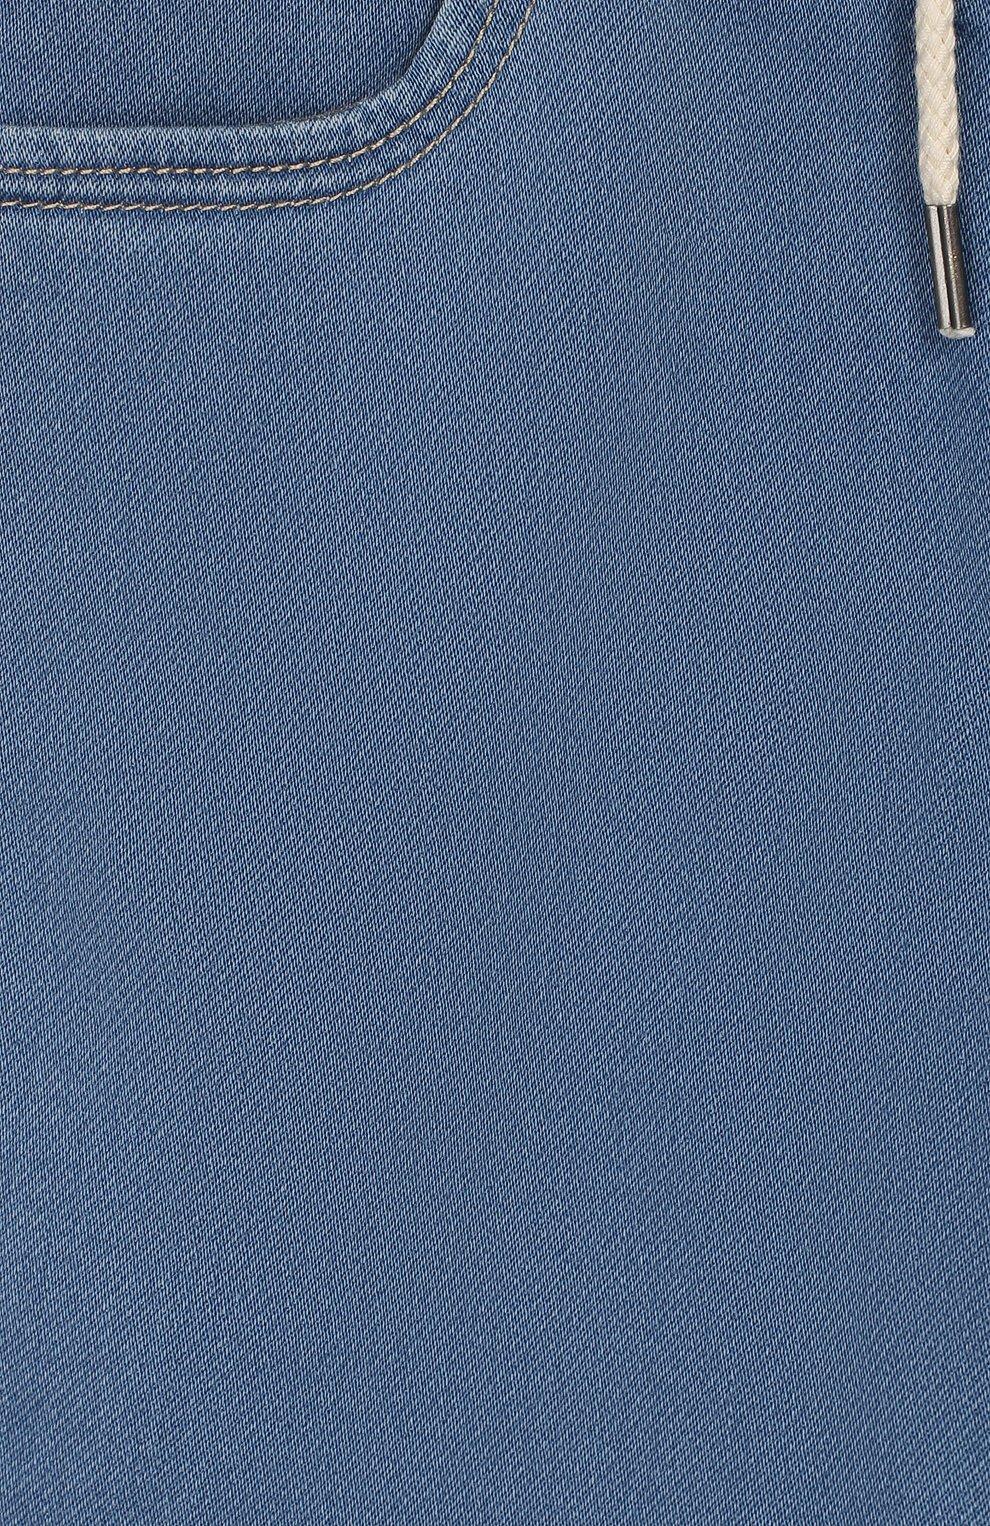 Детские джинсы MARC JACOBS (THE) голубого цвета, арт. W04177   Фото 3